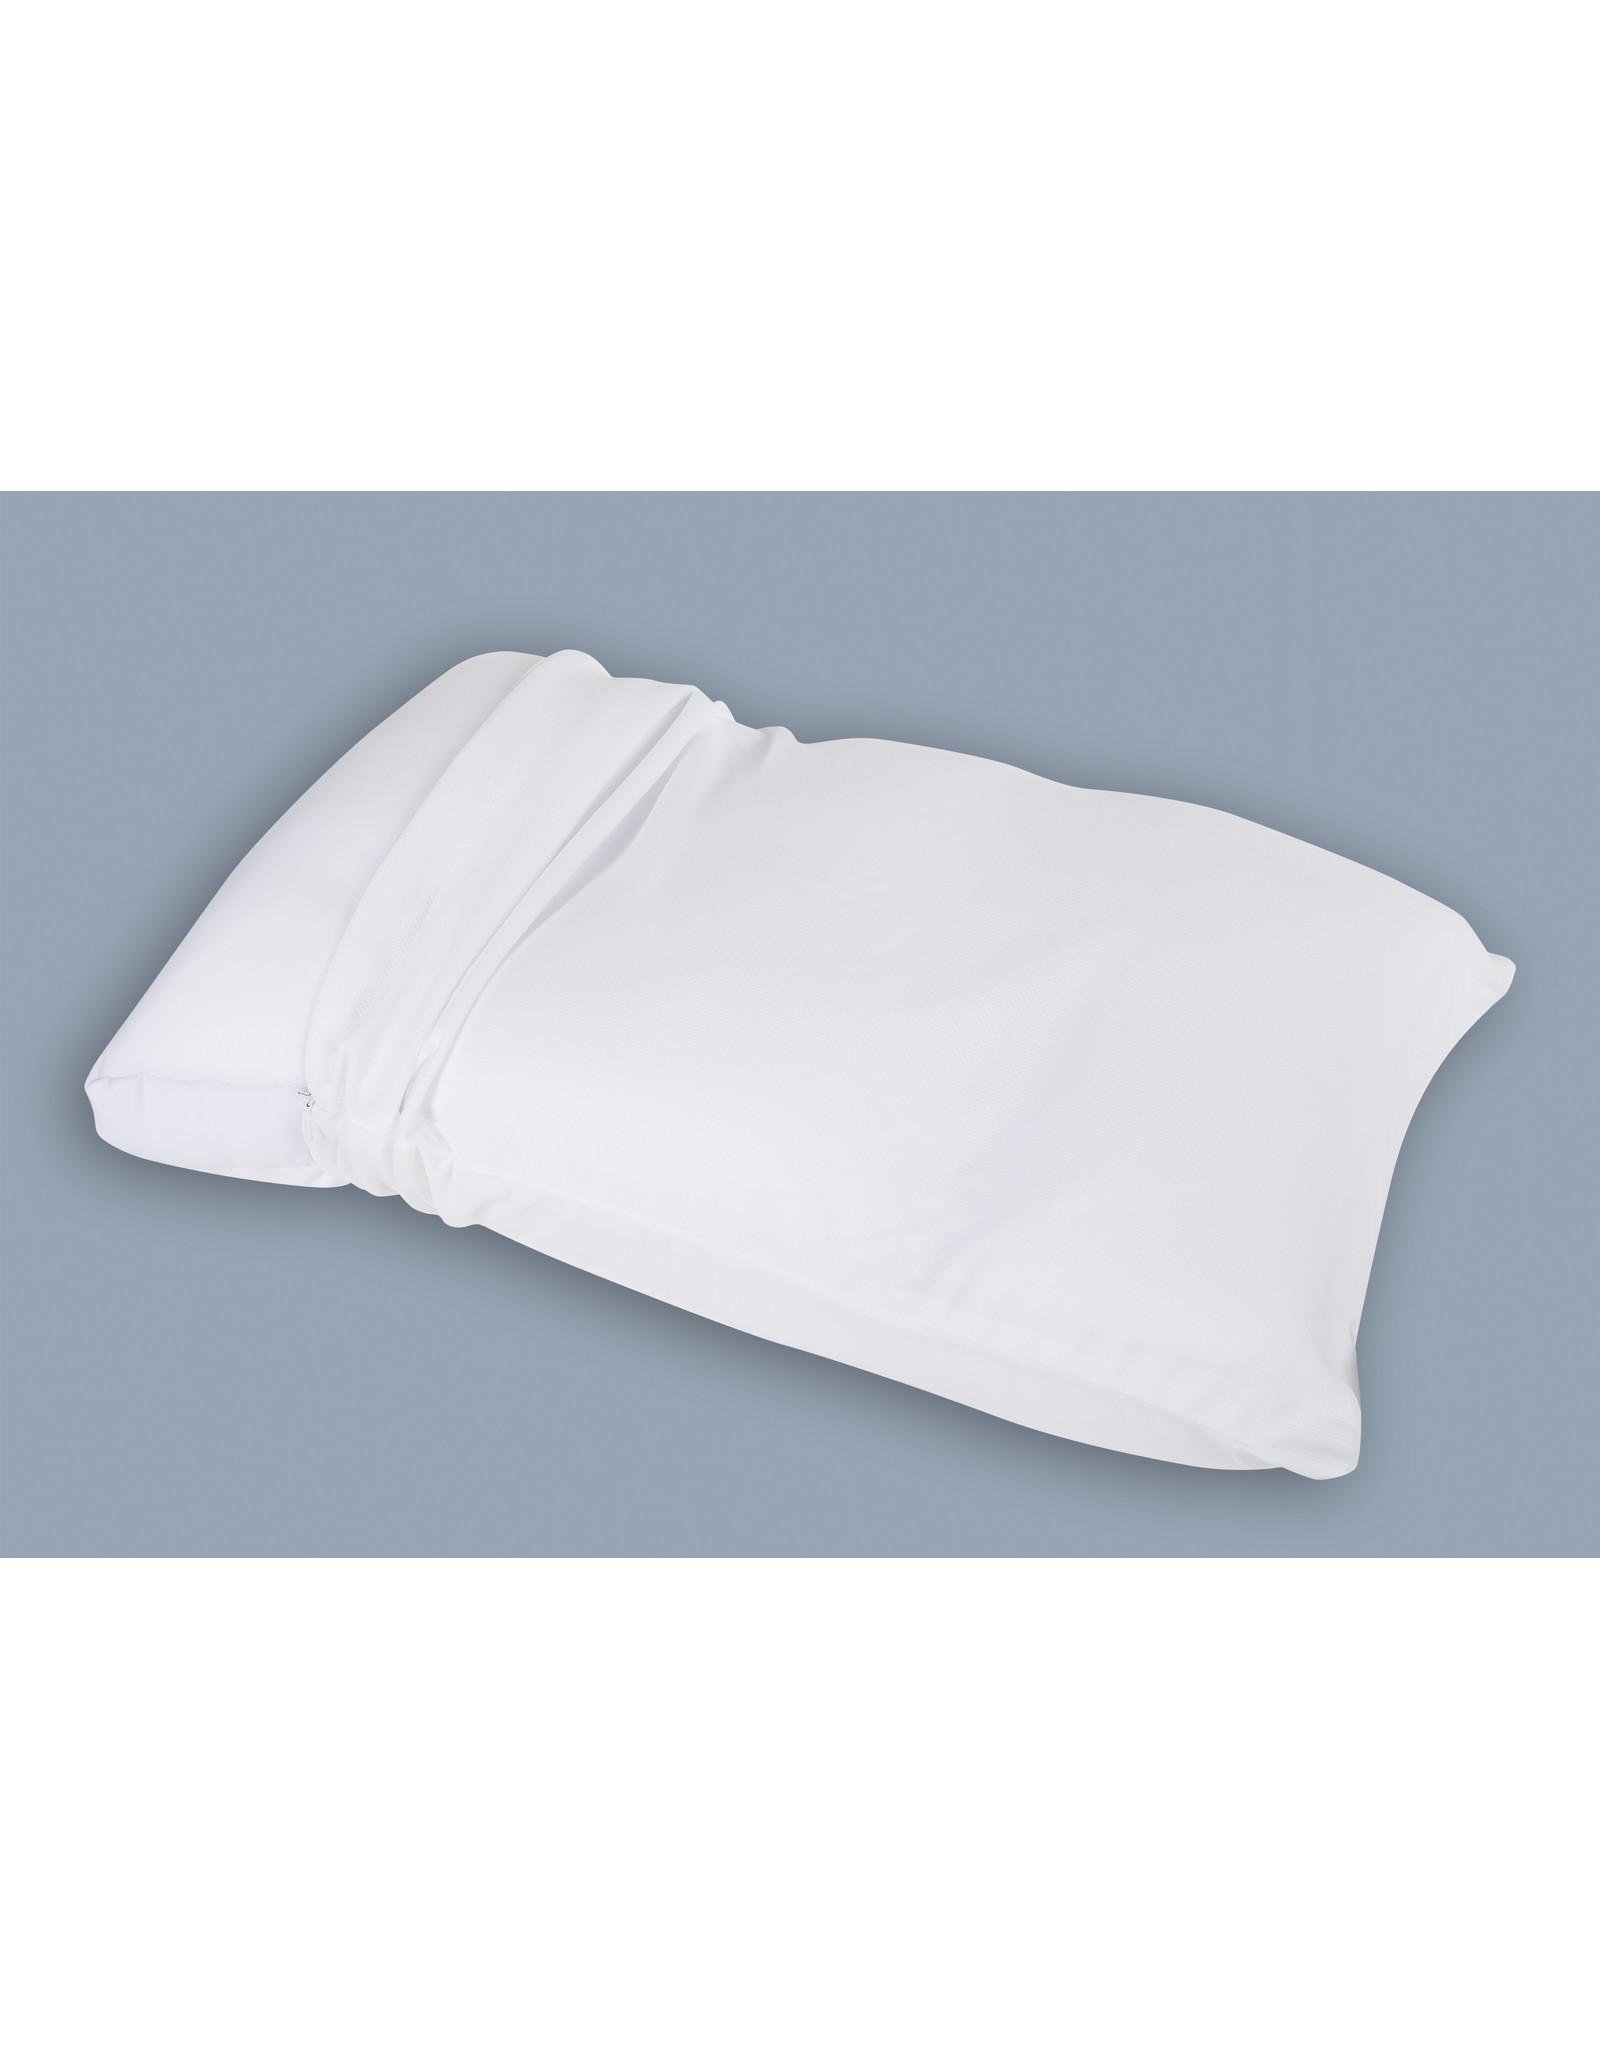 Kuschel-Maxx Kuschel-Maxx - Sleeping Pillow cover 2 set